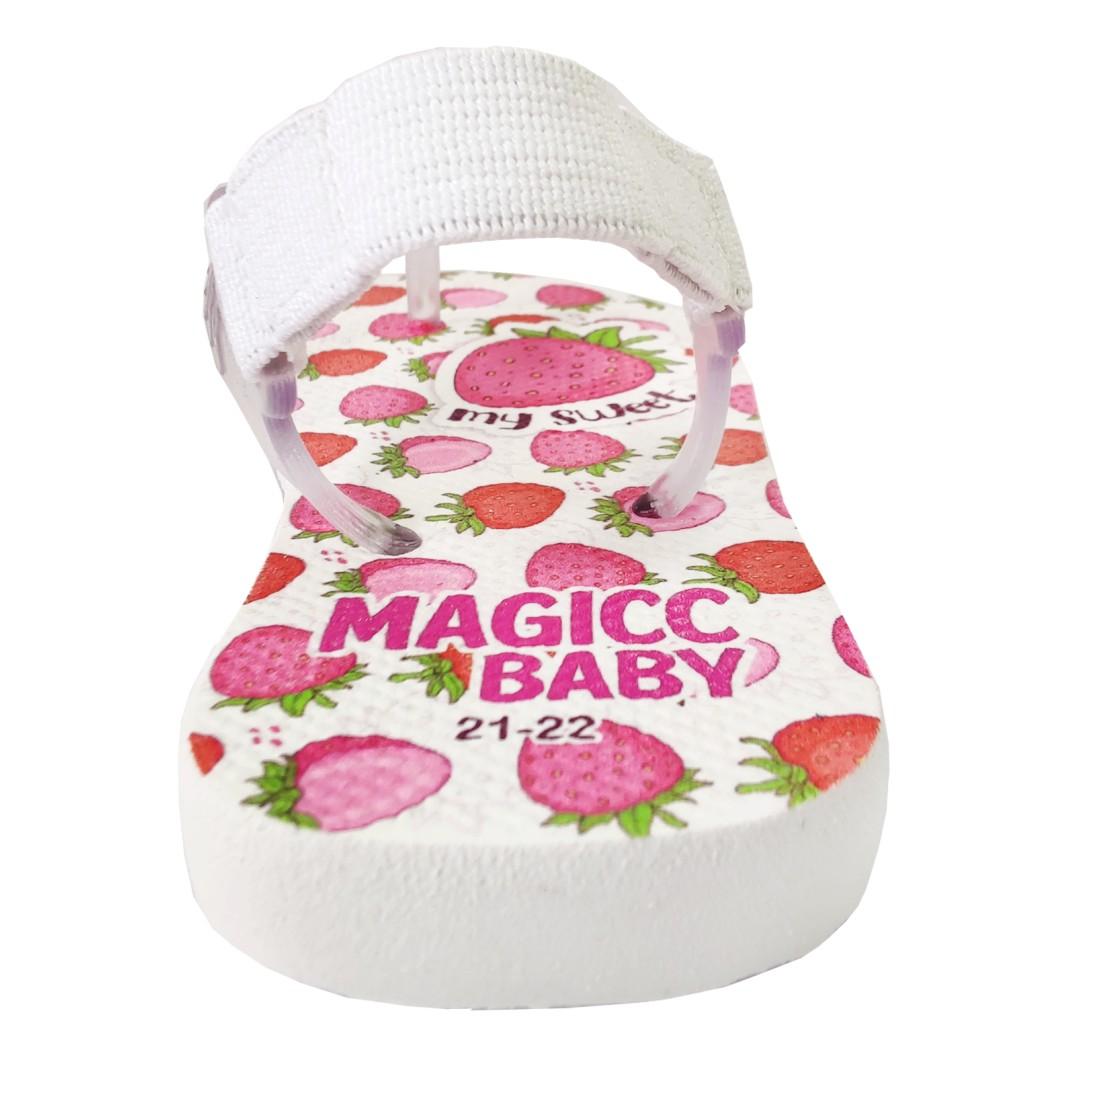 Chinelo Menina Bebê Sandália Moranguinhos Magicc Baby